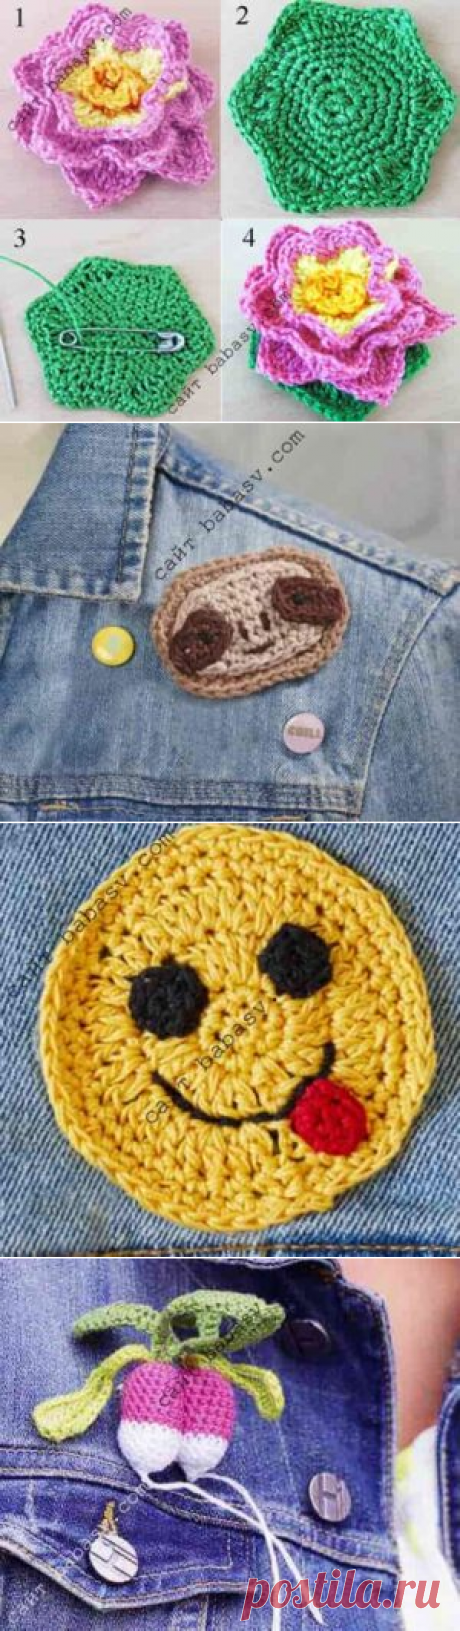 Брошь для джинсовой куртки| Сундучок-хомячок